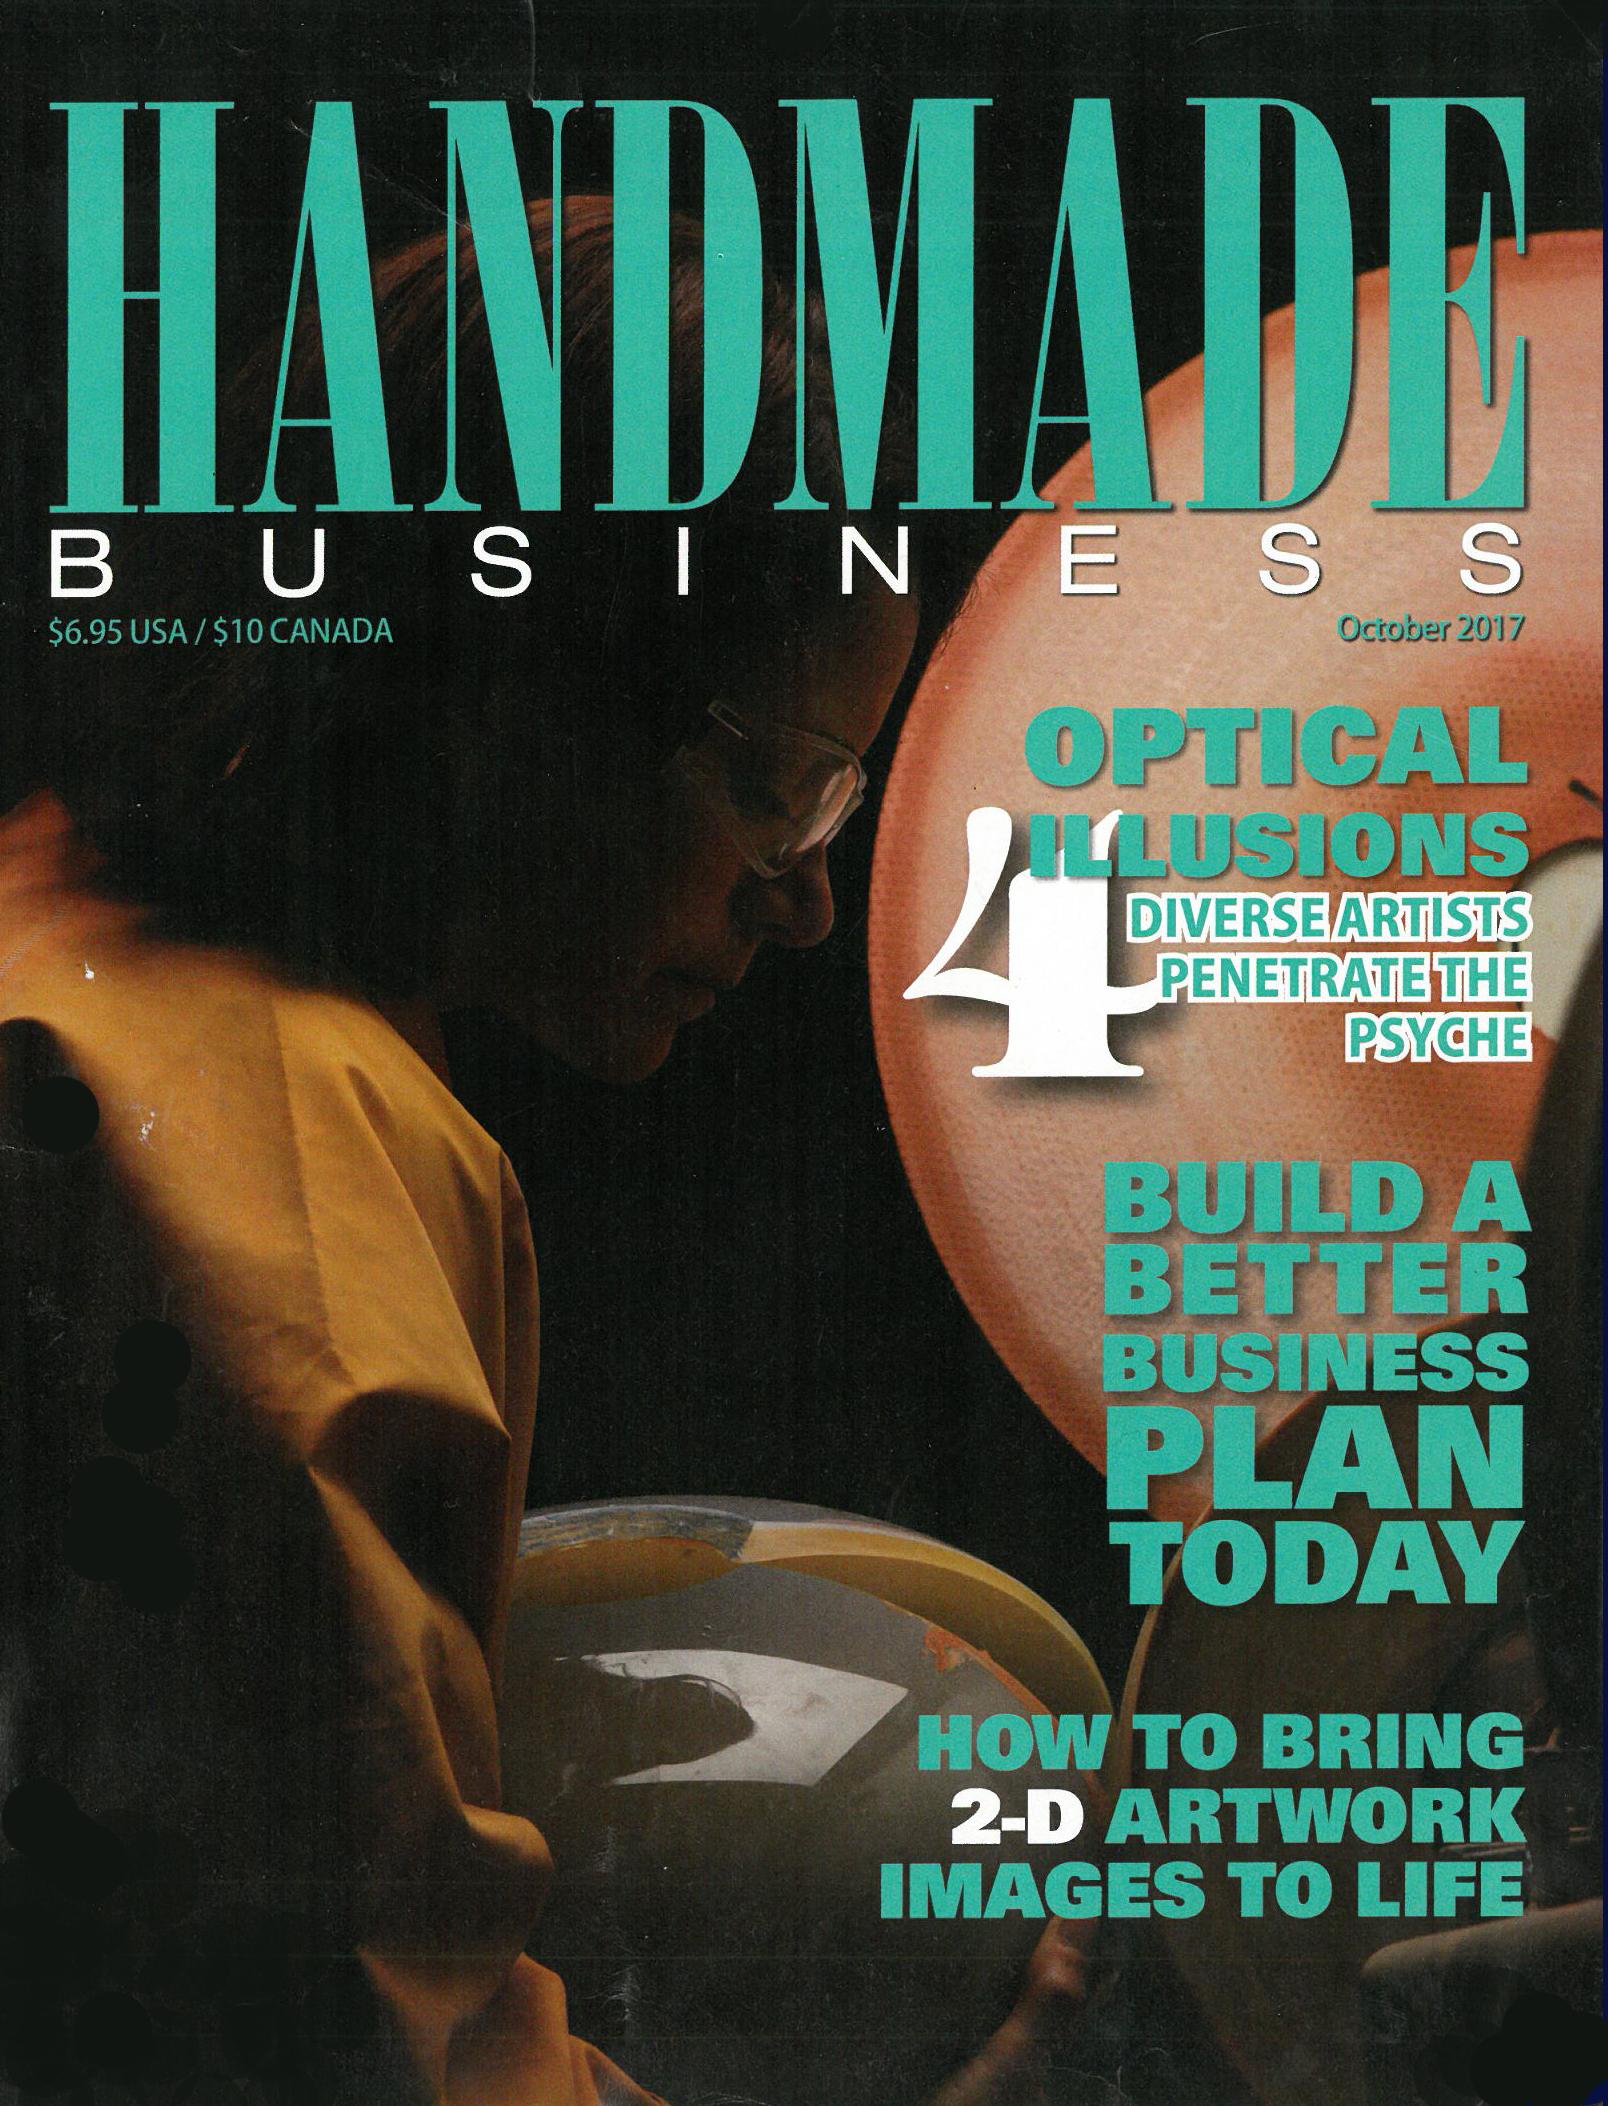 Handmade Business cover.jpg